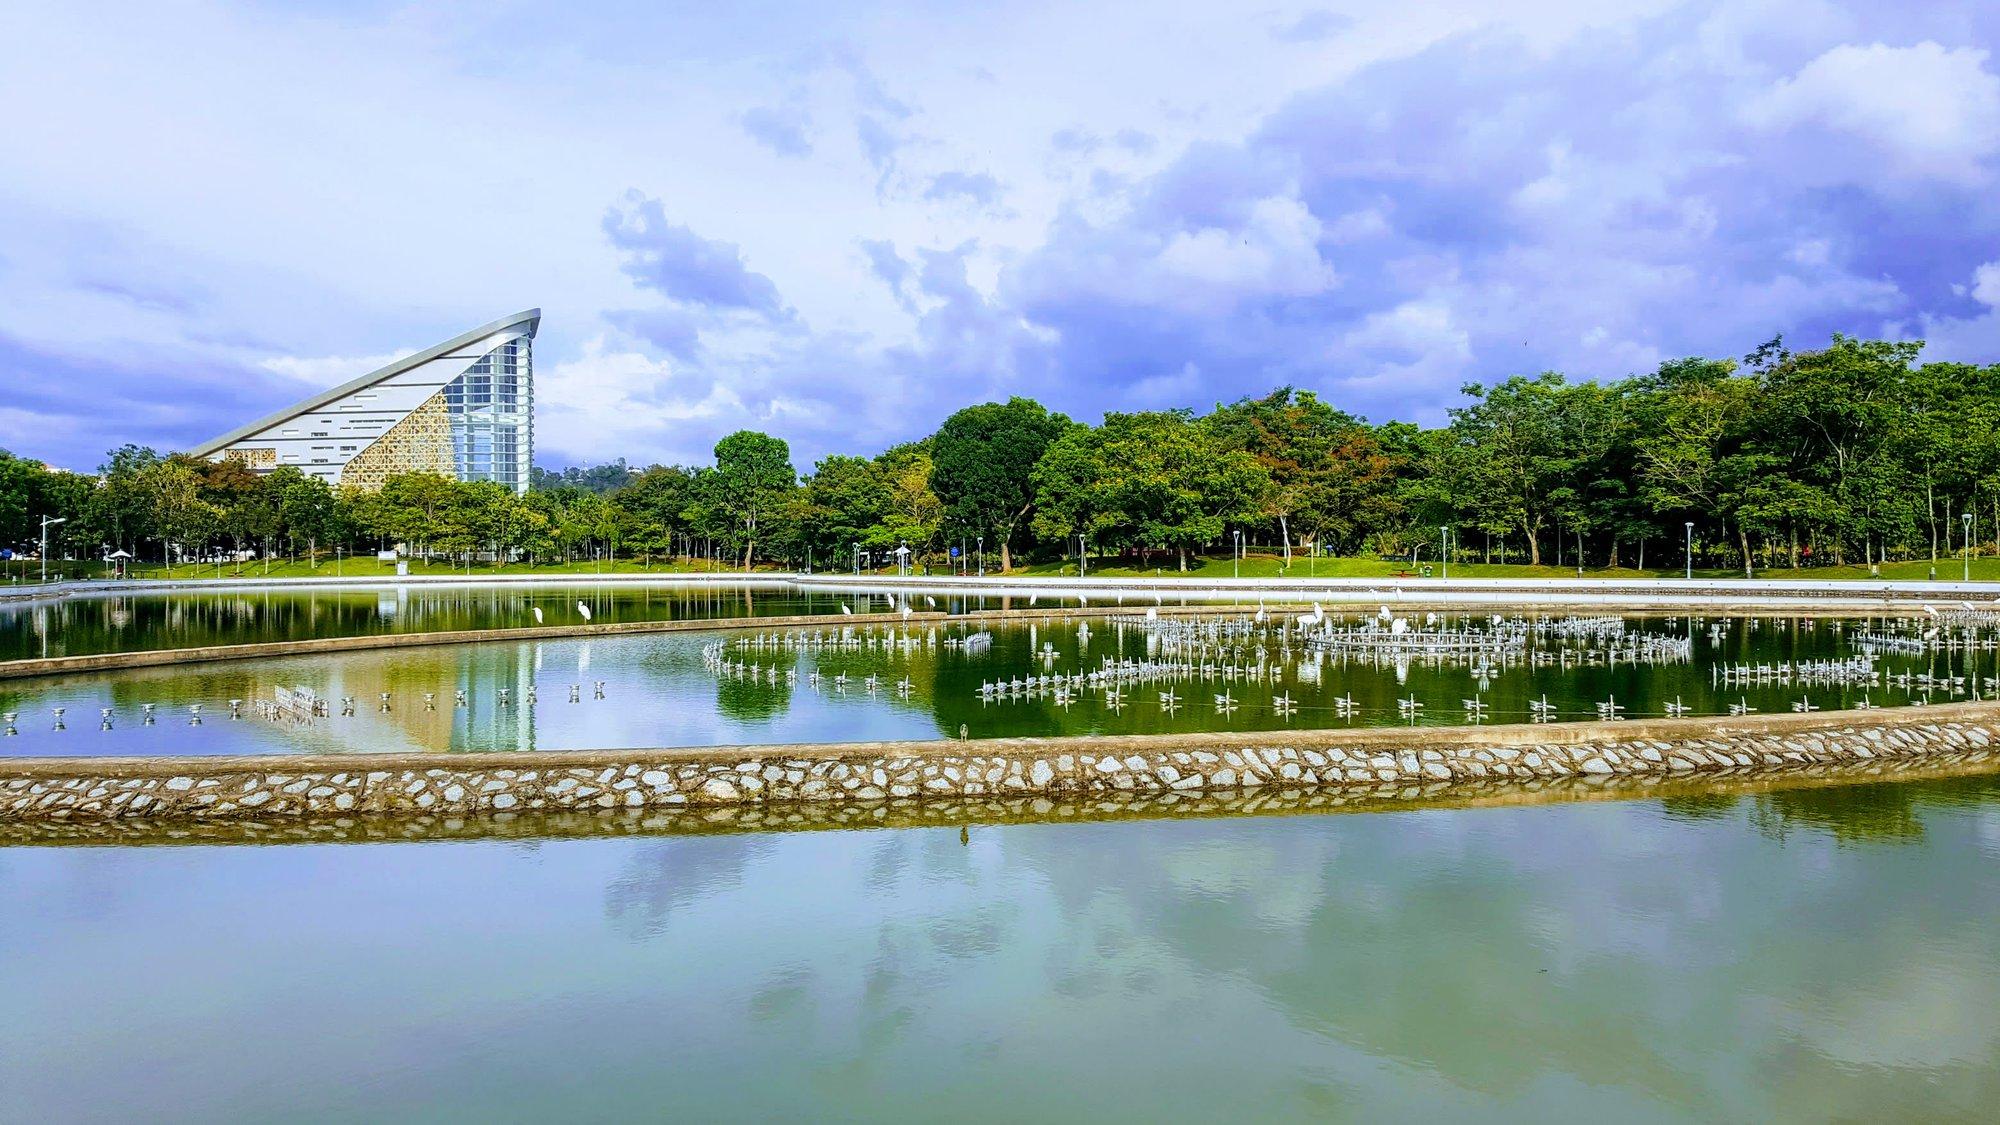 Perdana Park – rekreační místo s fontánou, která je nyní vypnutá